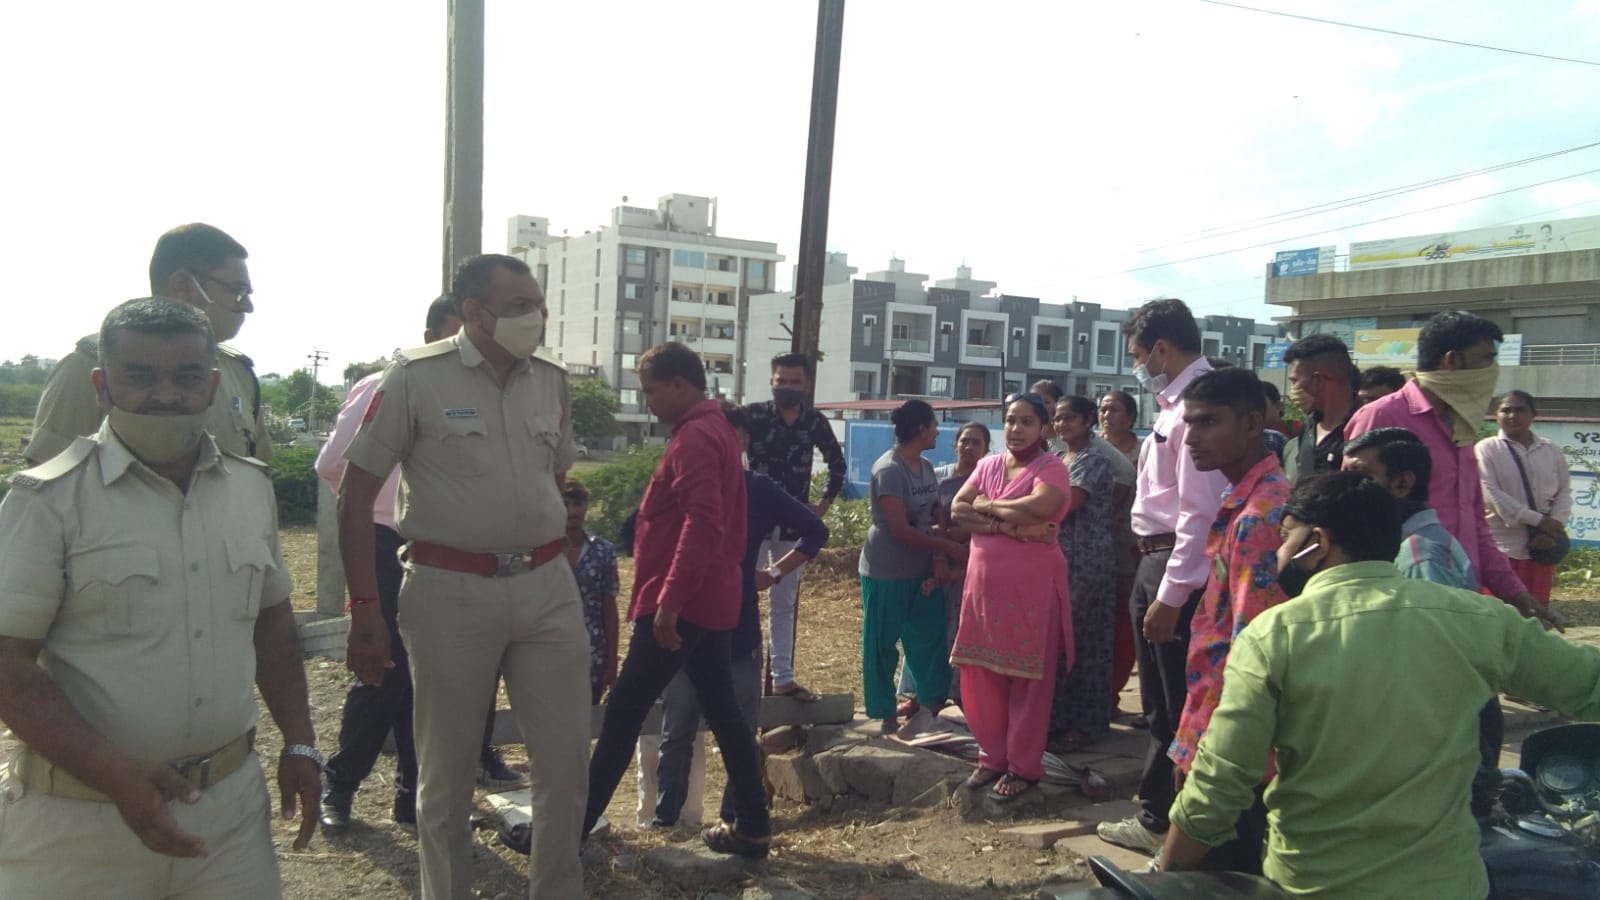 રખડતા ઢોર મુદ્દે તંત્ર એક્શનમાં આવ્યું, રસ્તા પર ઘાસચારાનું વેચાણ કરનાર સામે ફરિયાદ કરવામાં આવી જામનગર,Jamnagar - Divya Bhaskar